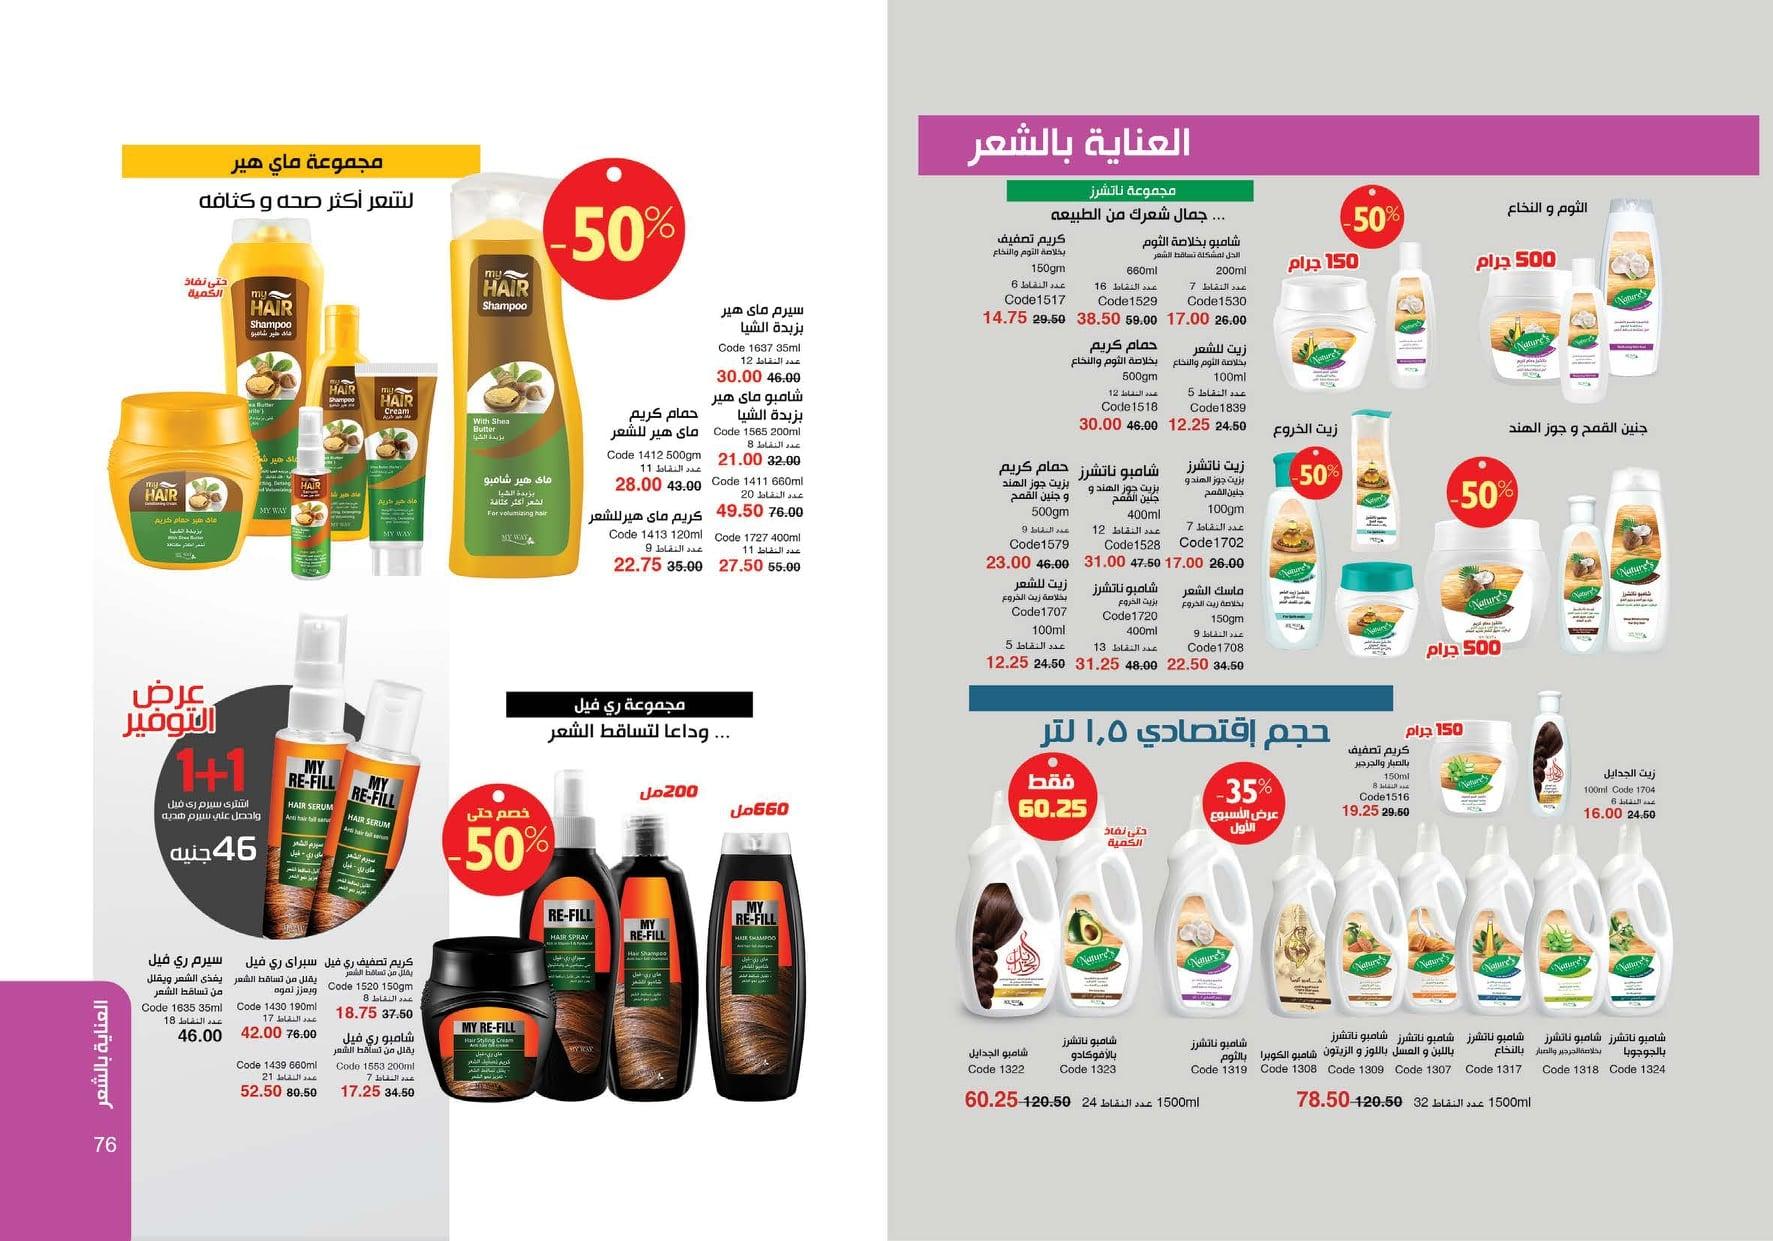 كتالوج ماي واي شهر مايو 2021 pdf اعرف أحدث المنتجات والأسعار 26